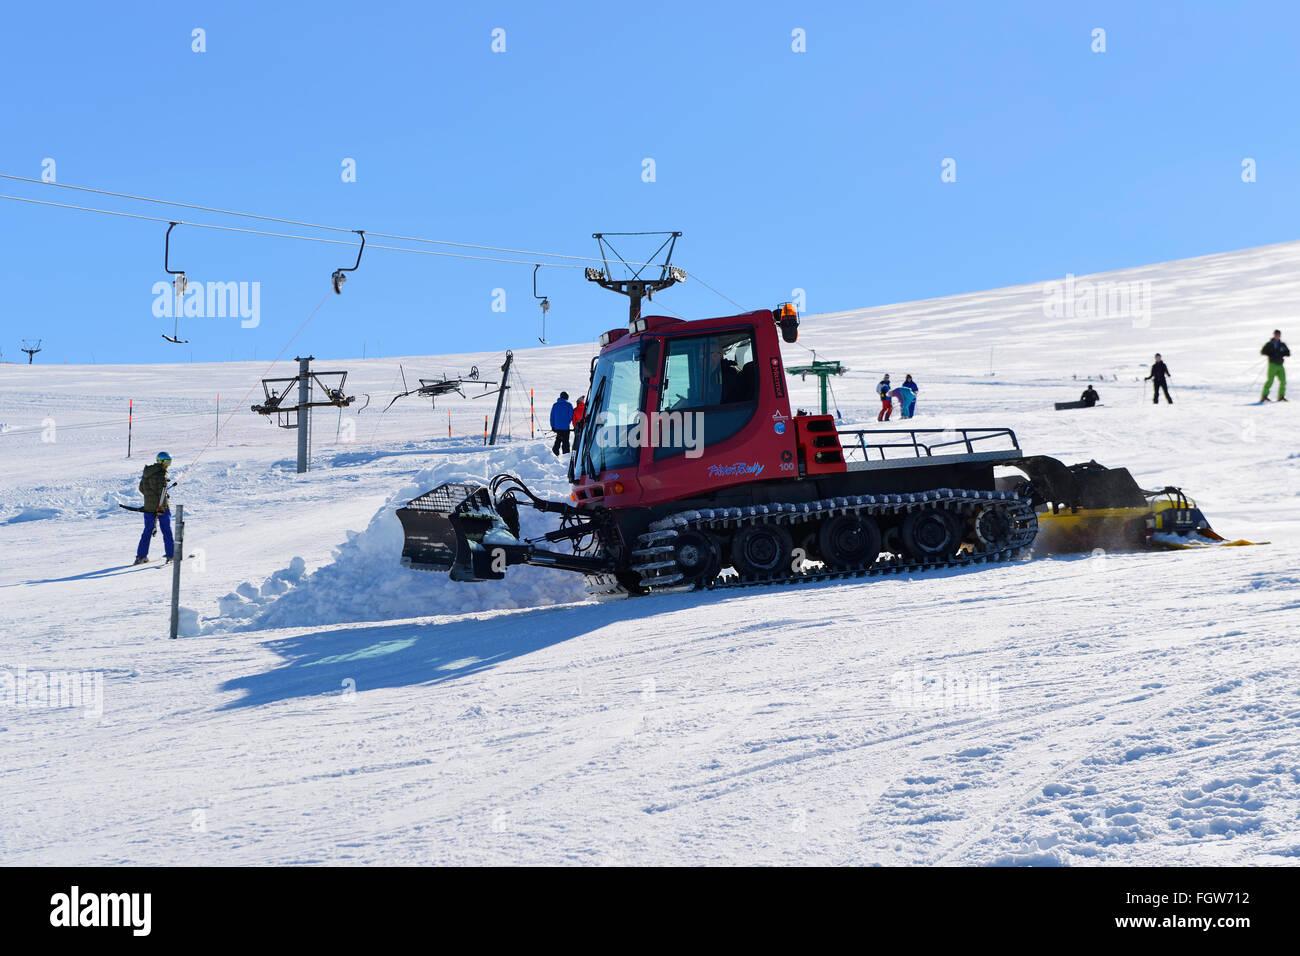 Piste basher grooming ski run at Cairngorm Mountain Ski Centre, Aviemore, Scottish Highlands, UK - Stock Image